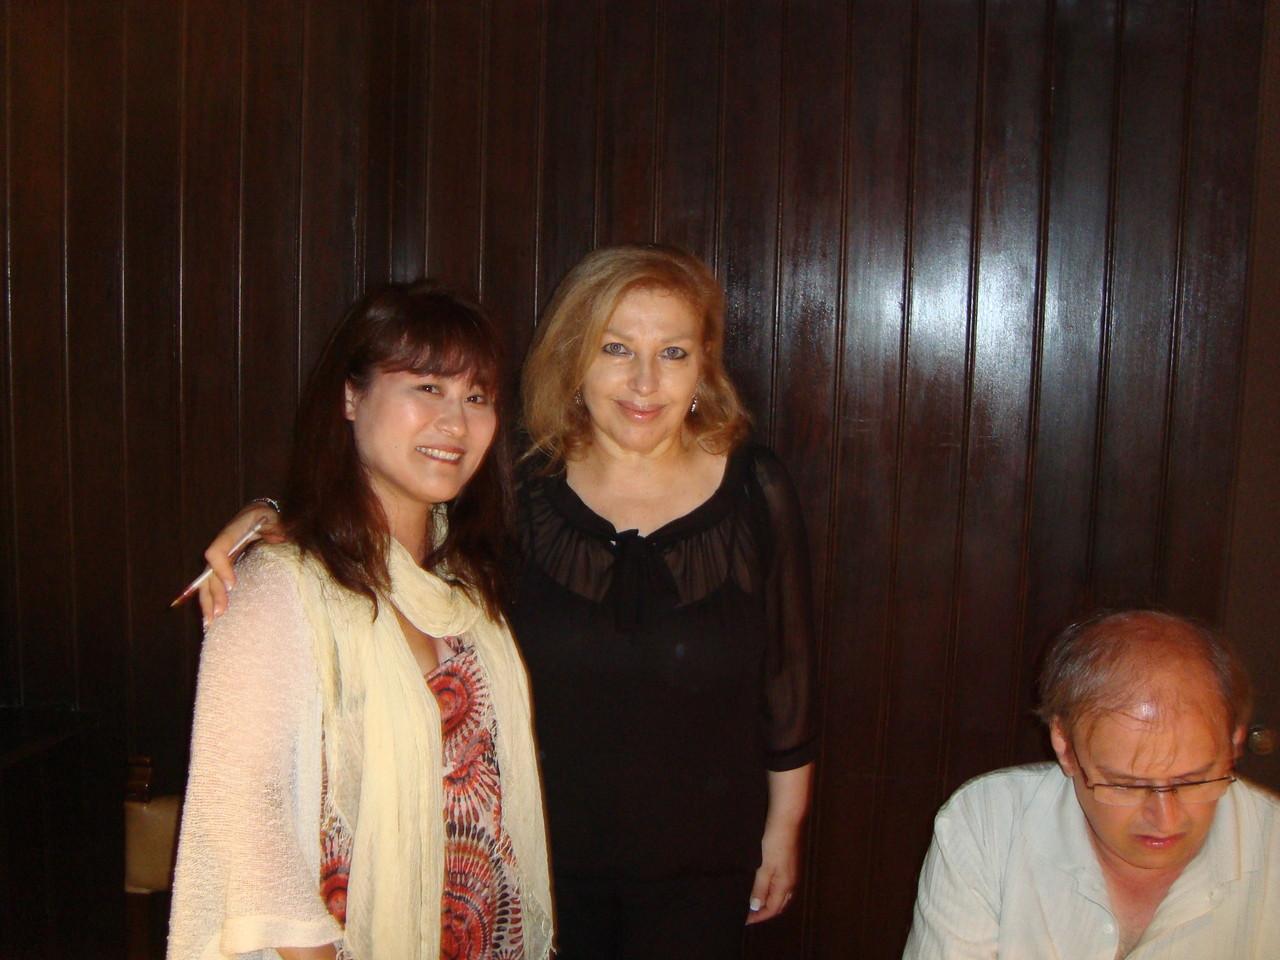 大好きなファディスタ! レニータゼンティルさんと再会しました。私の目指すファディスタです。